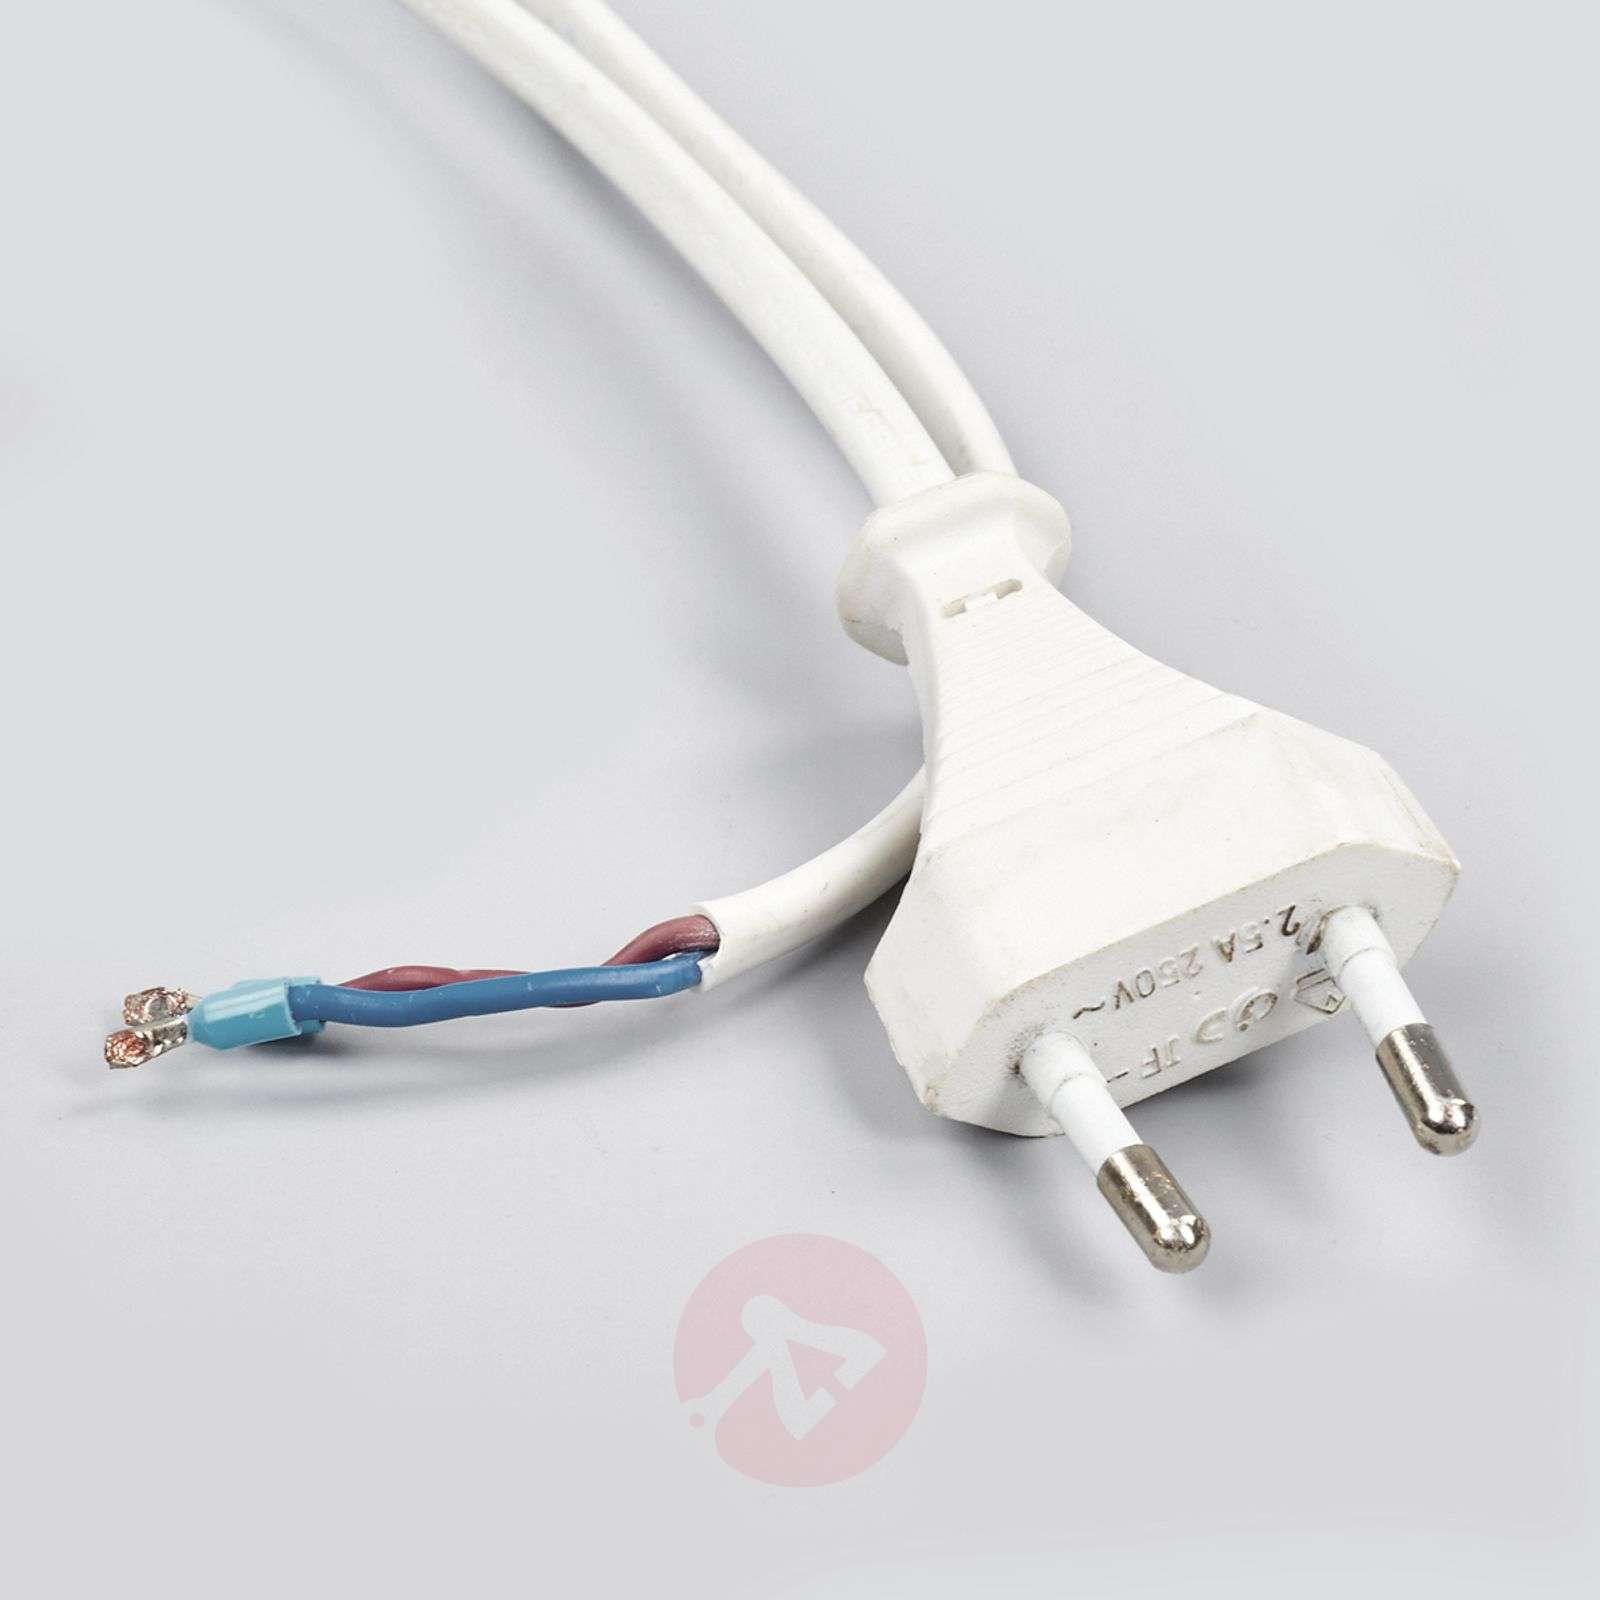 2-lamppuinen Todora LED-ulkovalaisin tunnistimella-4018057-02